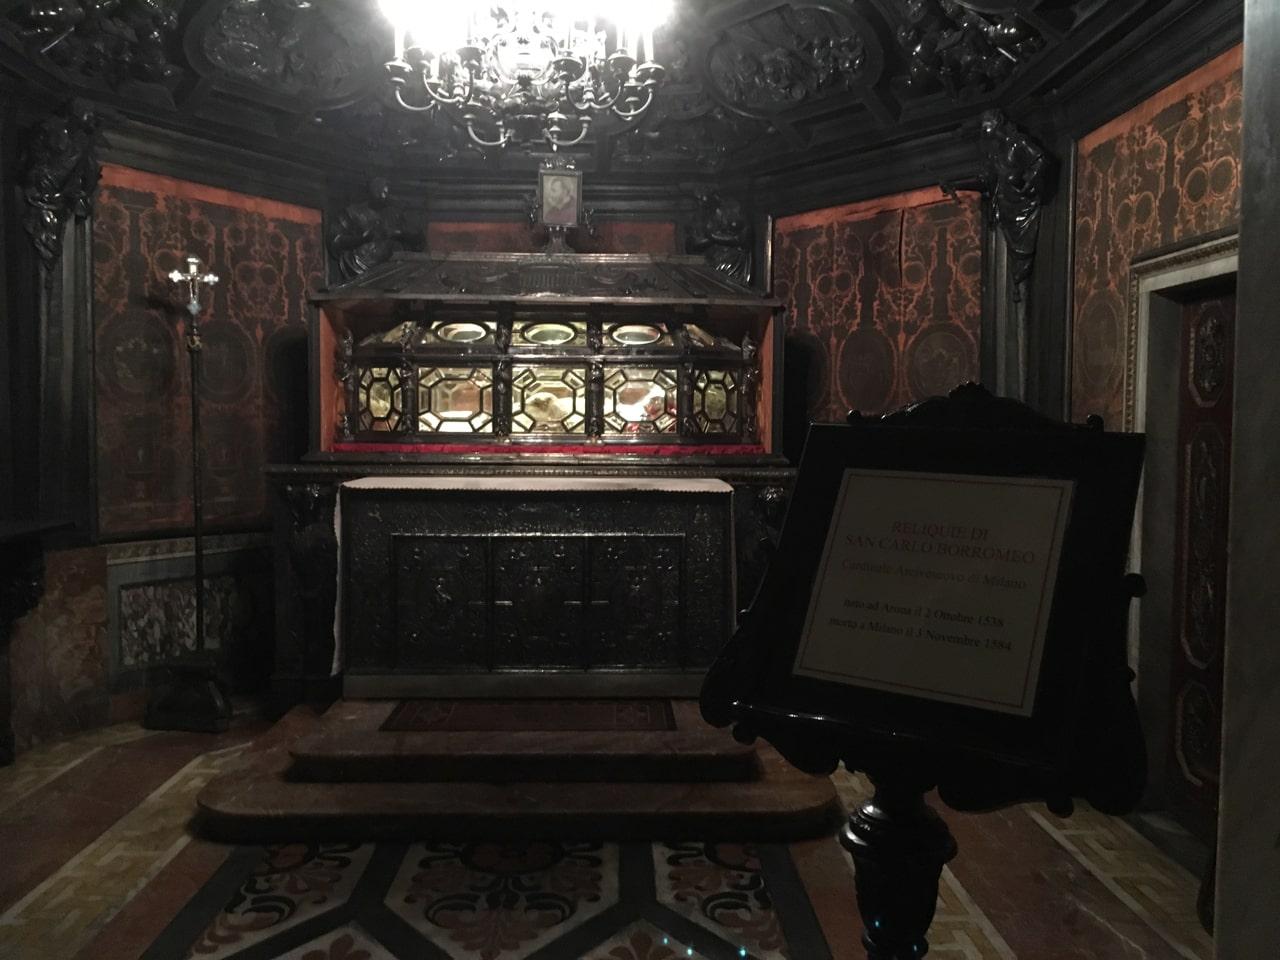 内部地下 室的玻璃棺里长眠着1584年去世的红衣主教San Carlo Borromeo